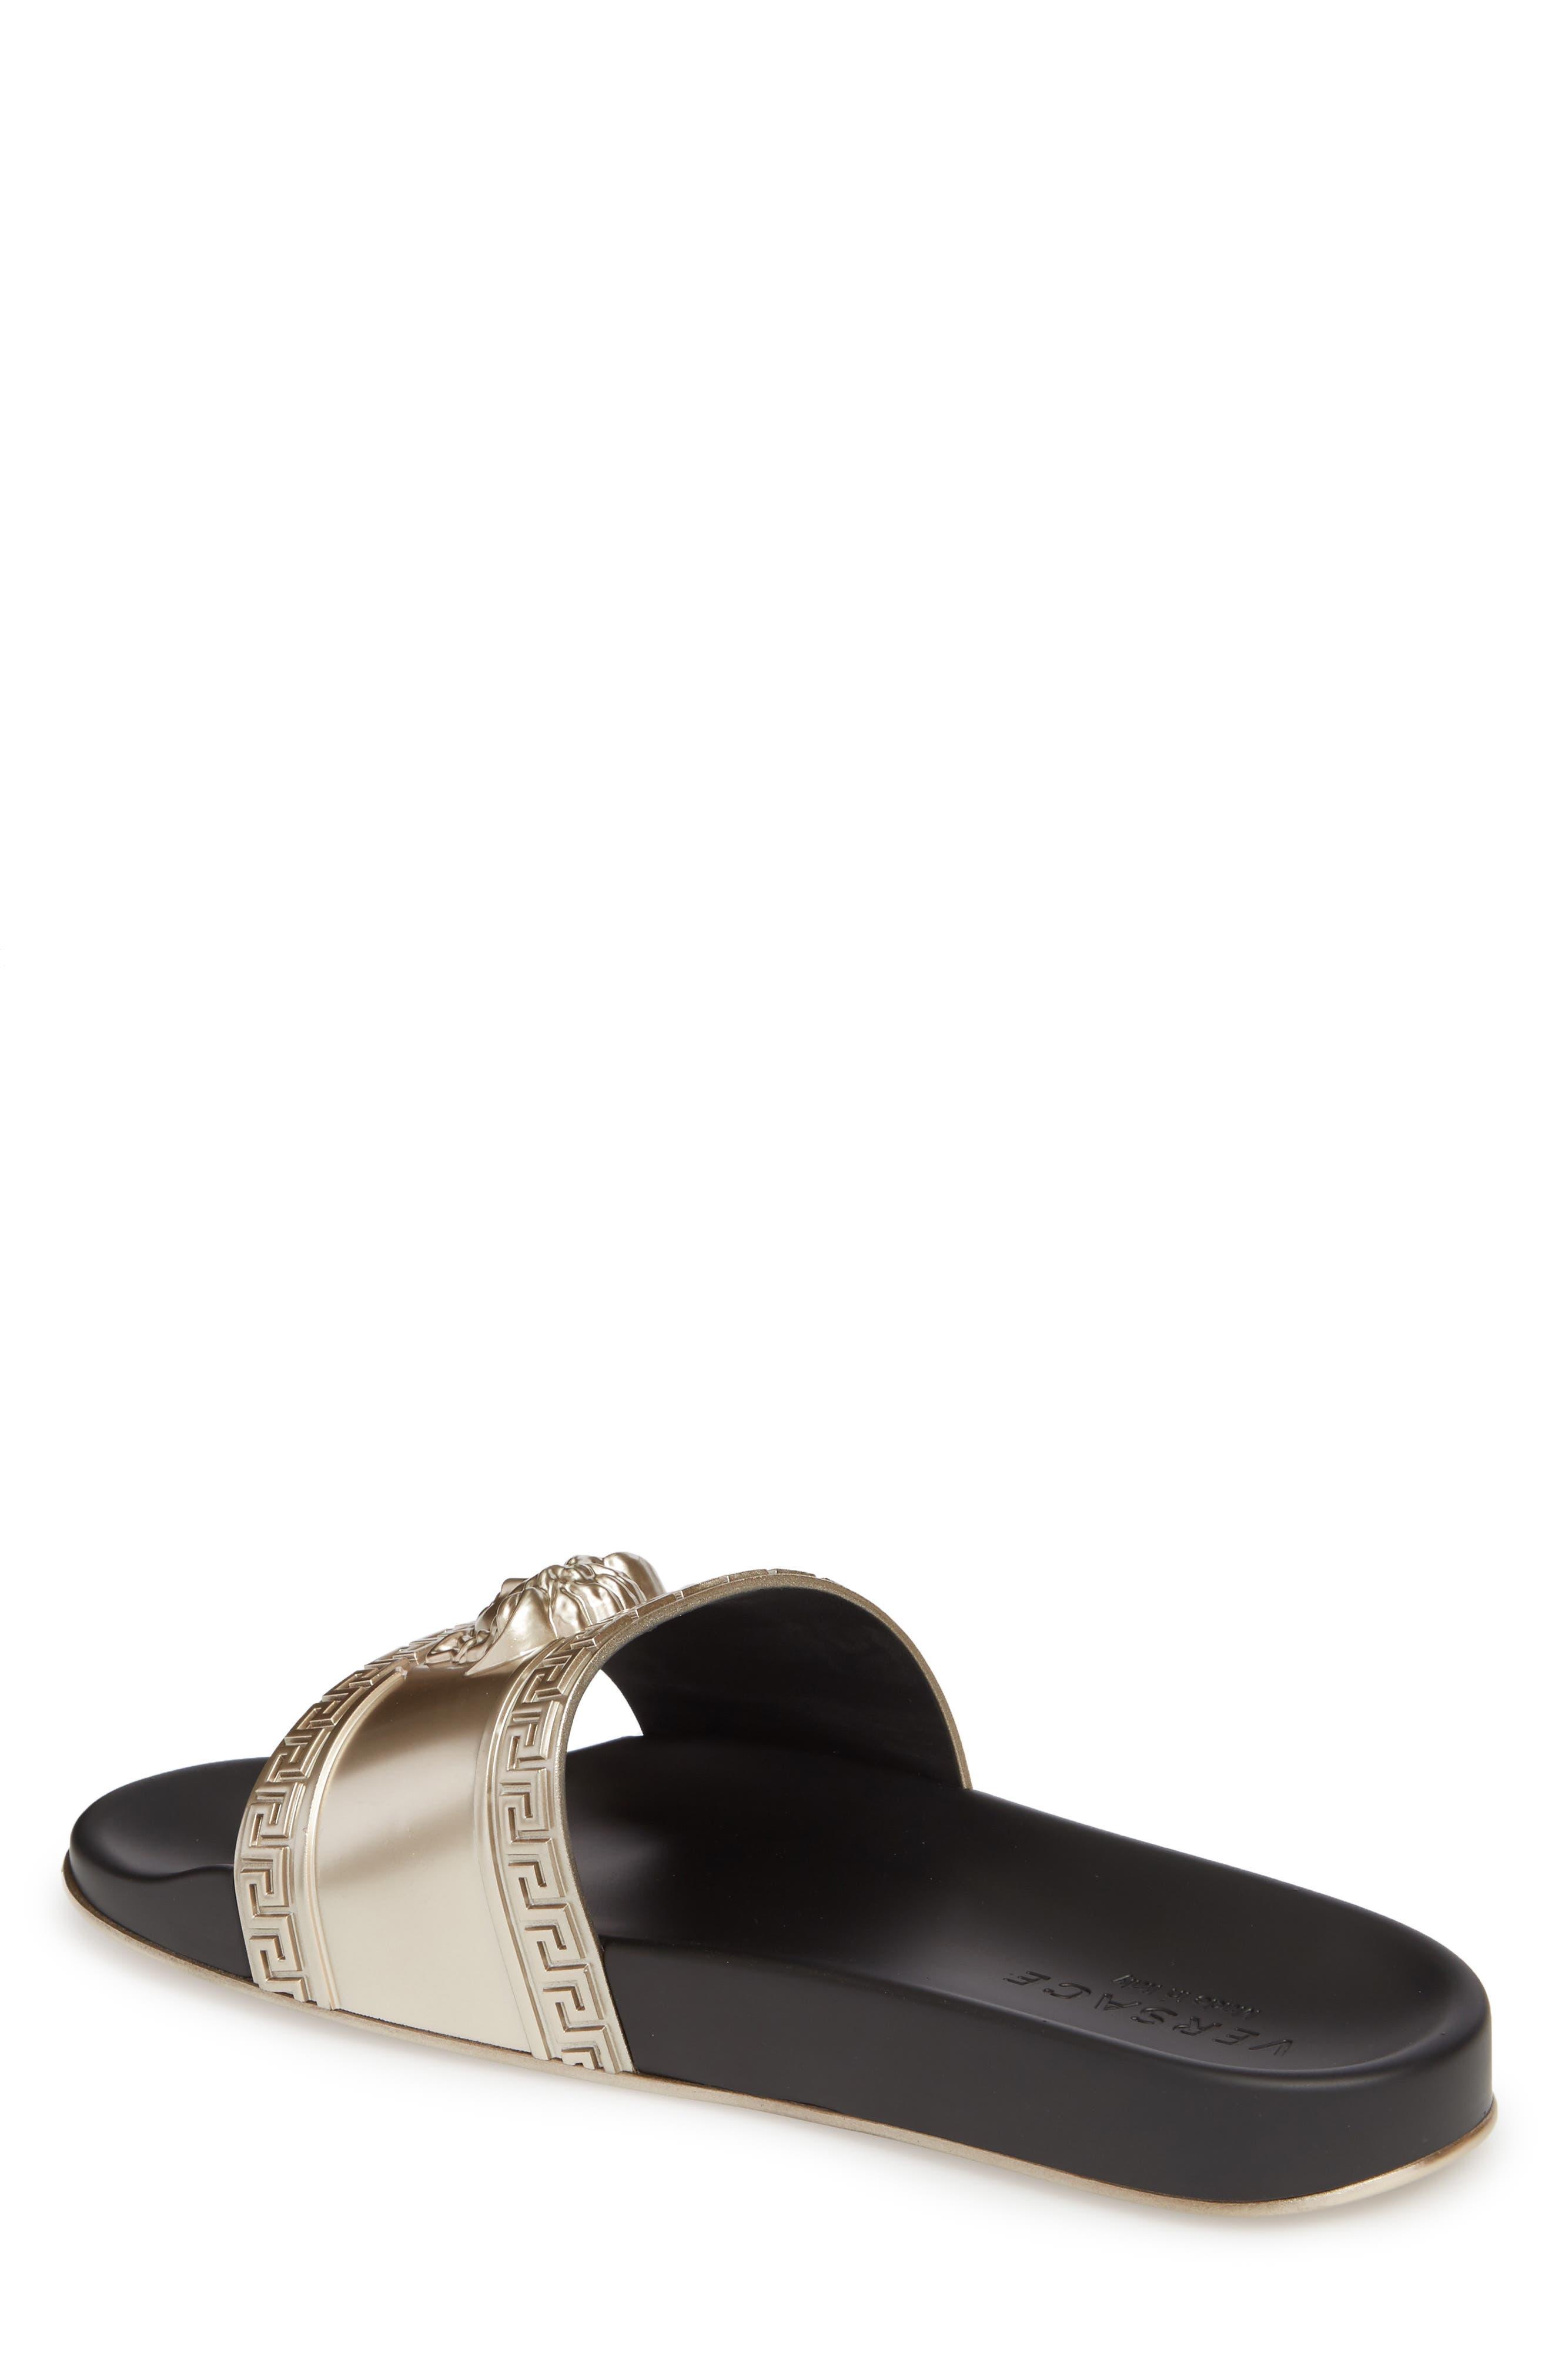 f3d8f8ad8fb42 Men s Versace Sandals